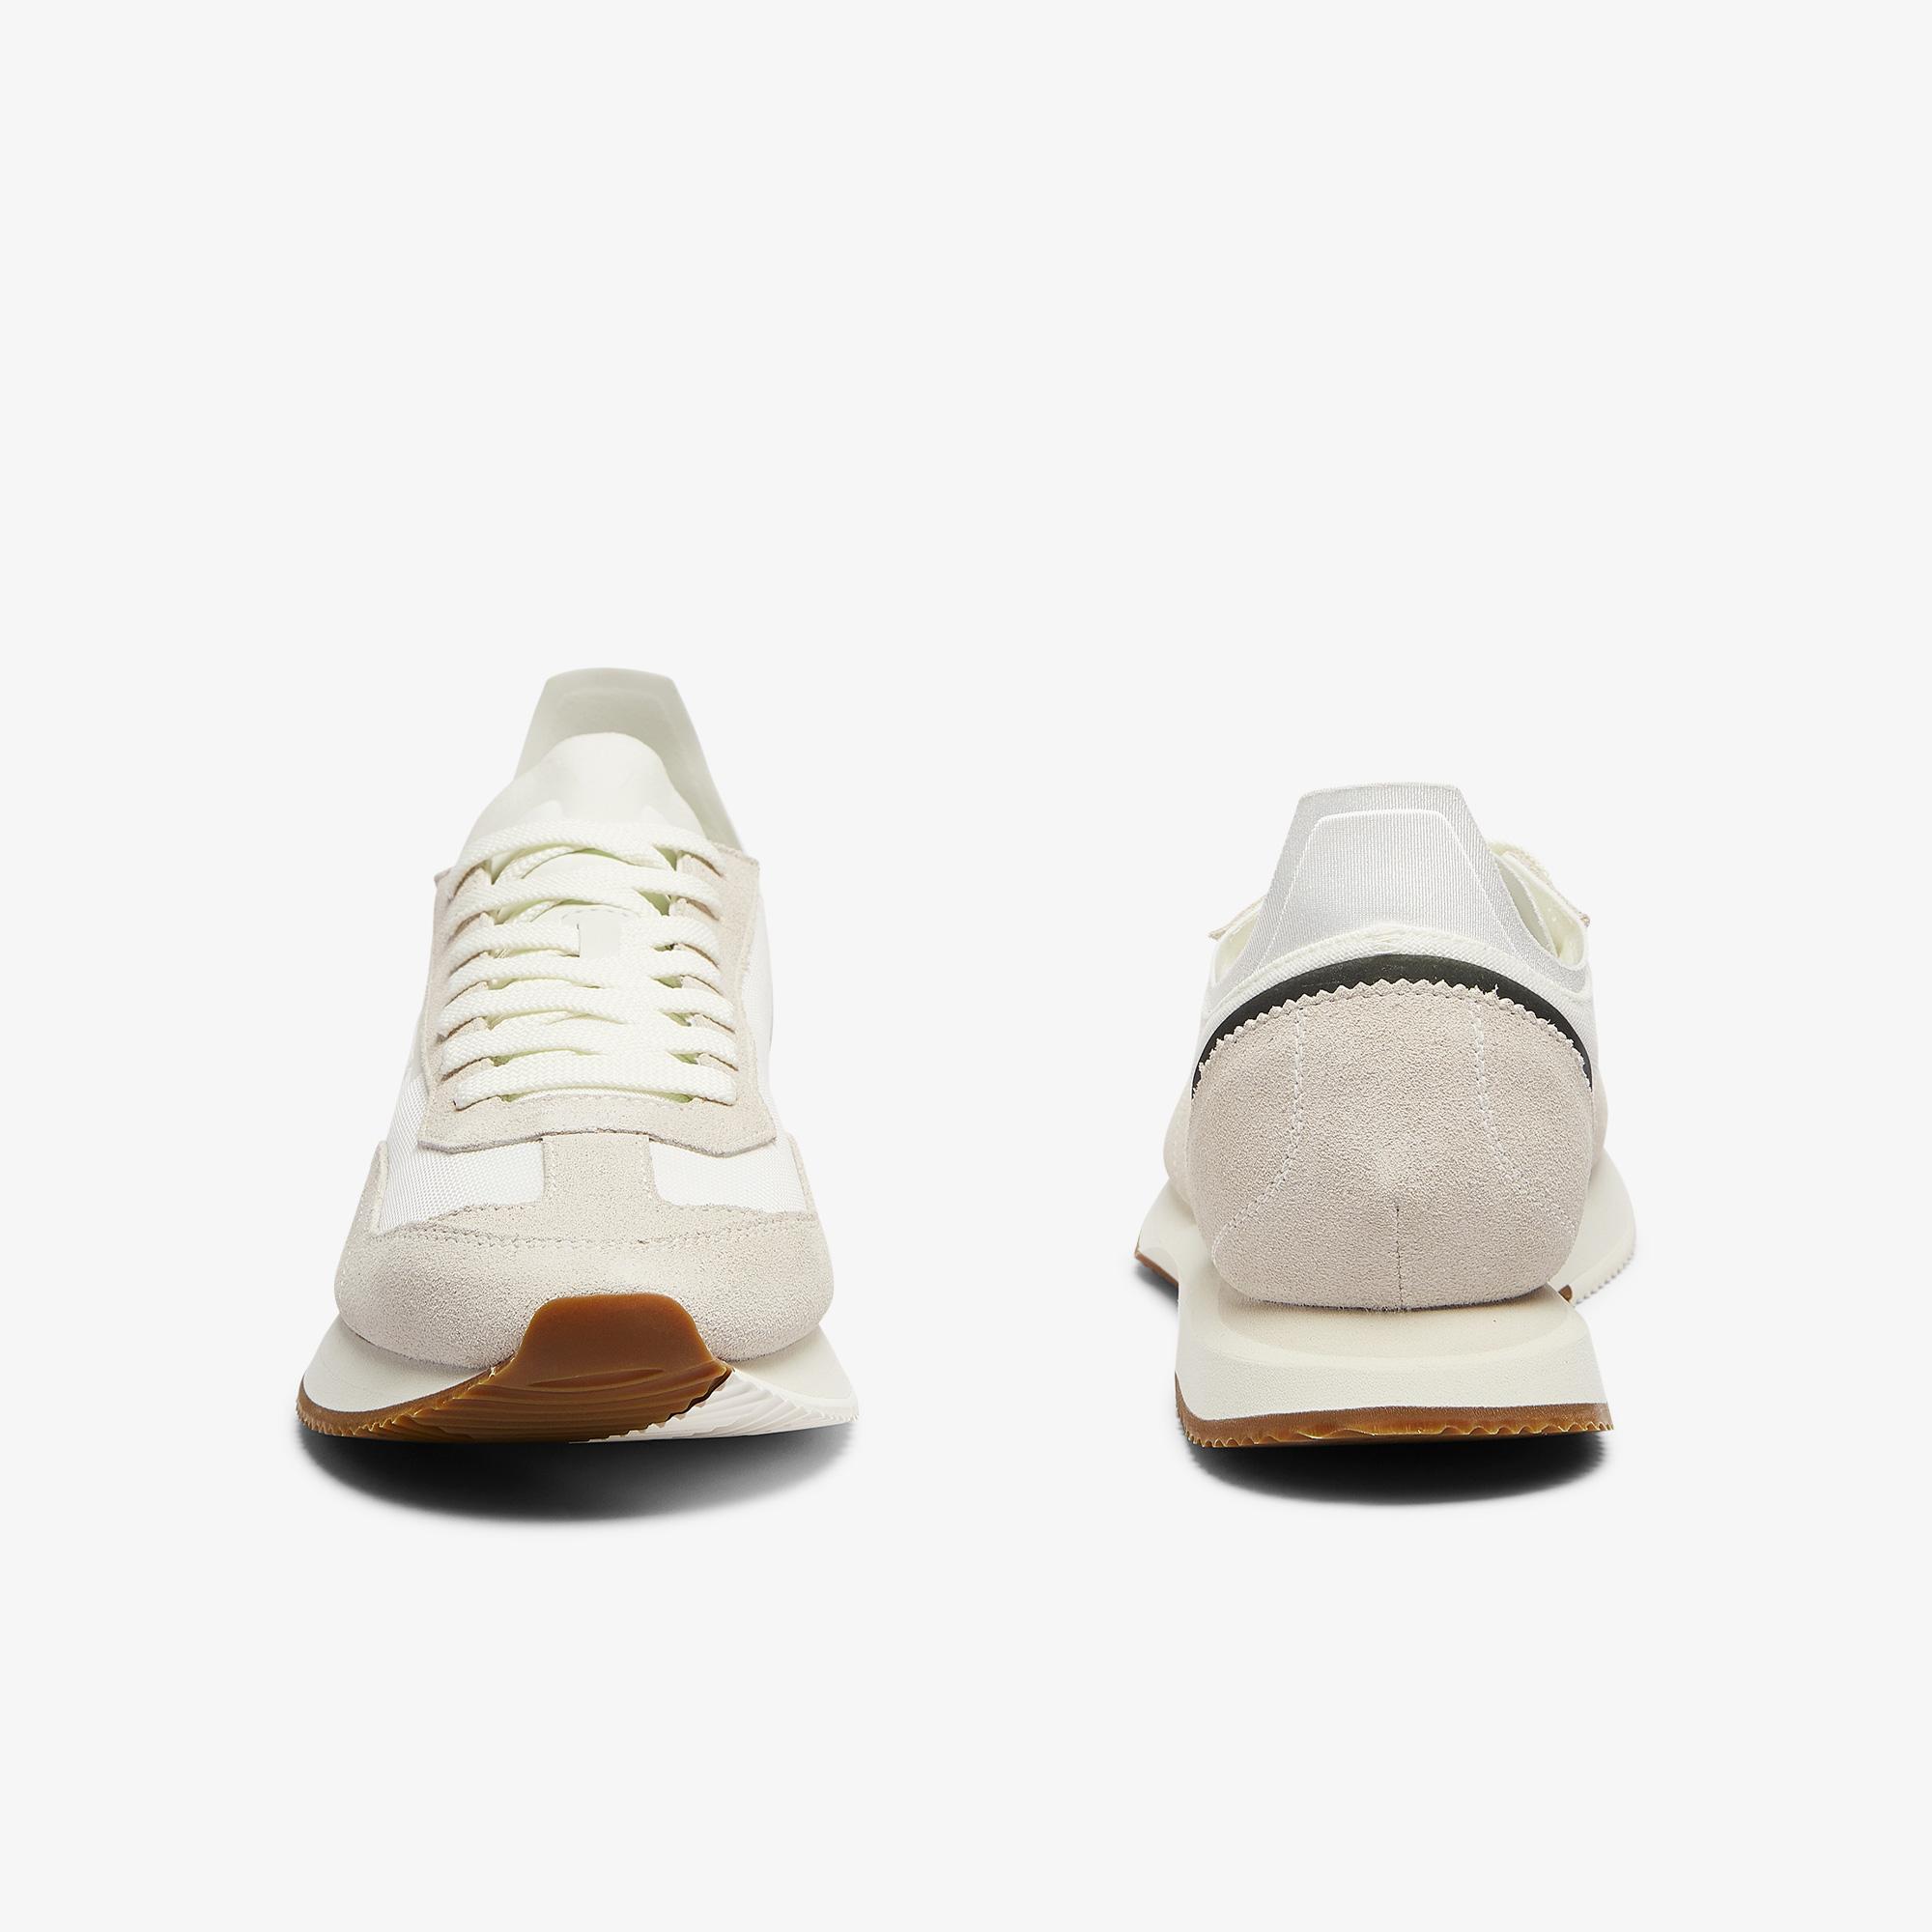 Lacoste Match Break 0721 1 Sma Erkek Bej Sneaker